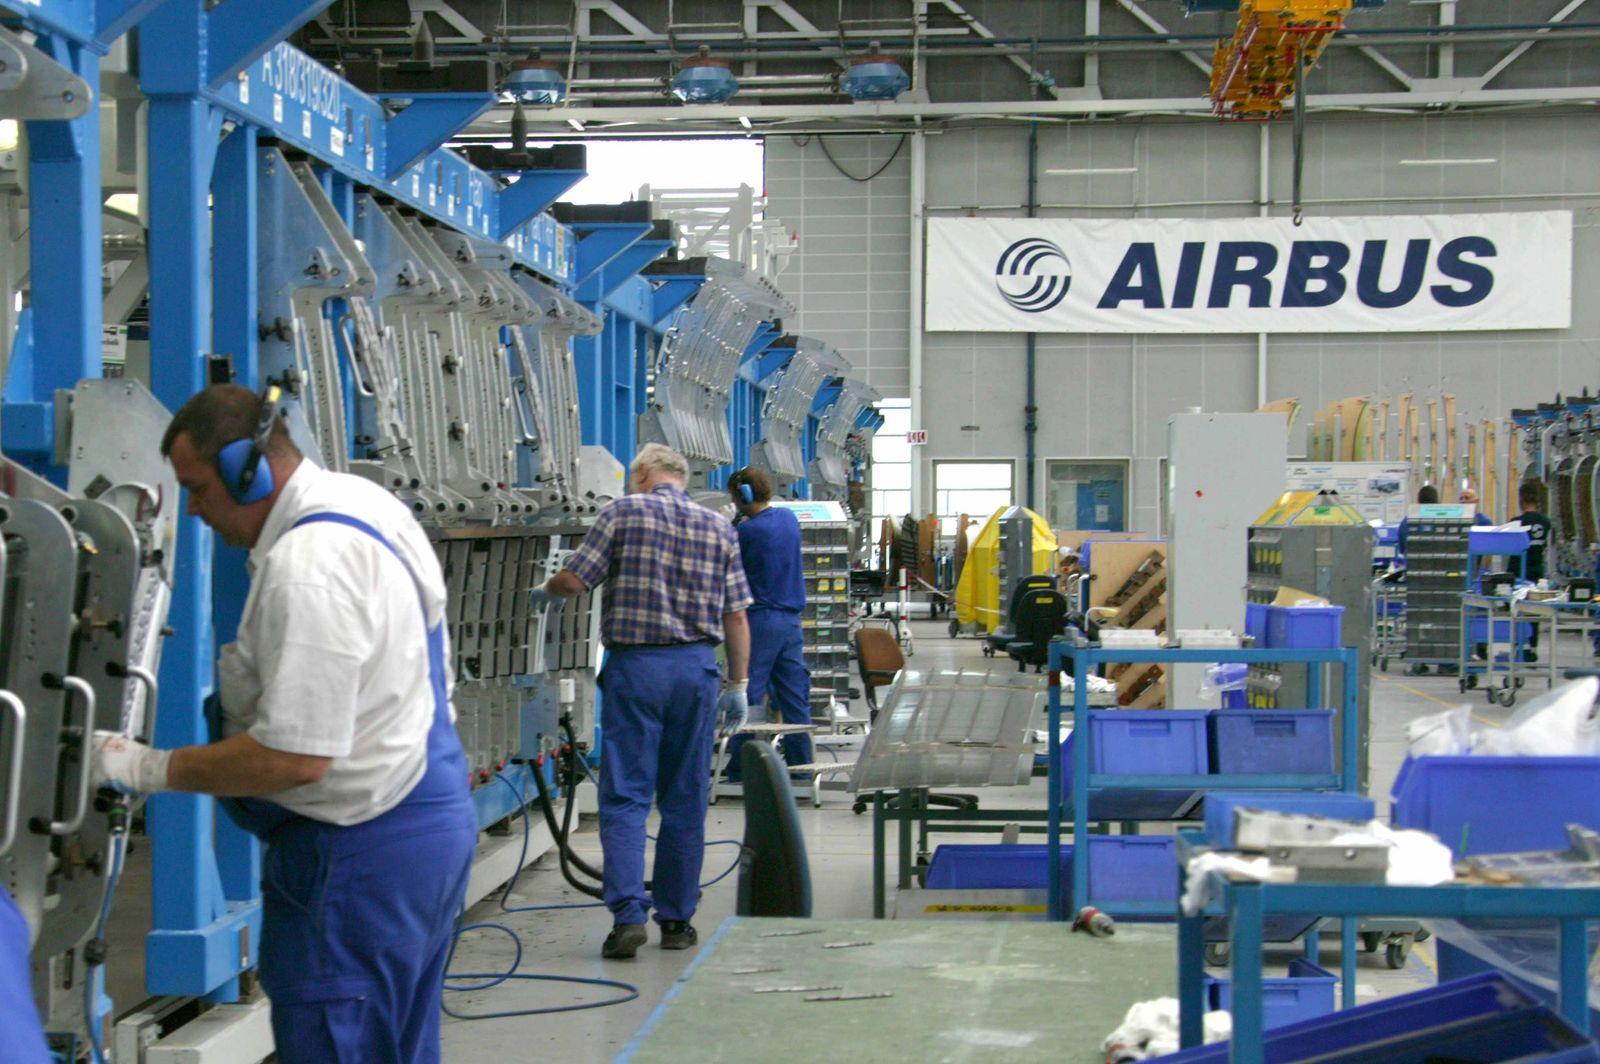 DEU, Deutschland Bremen, Airbus Industries, Werk Bremen, DEU, Germany, Bremen, Airbus Industries